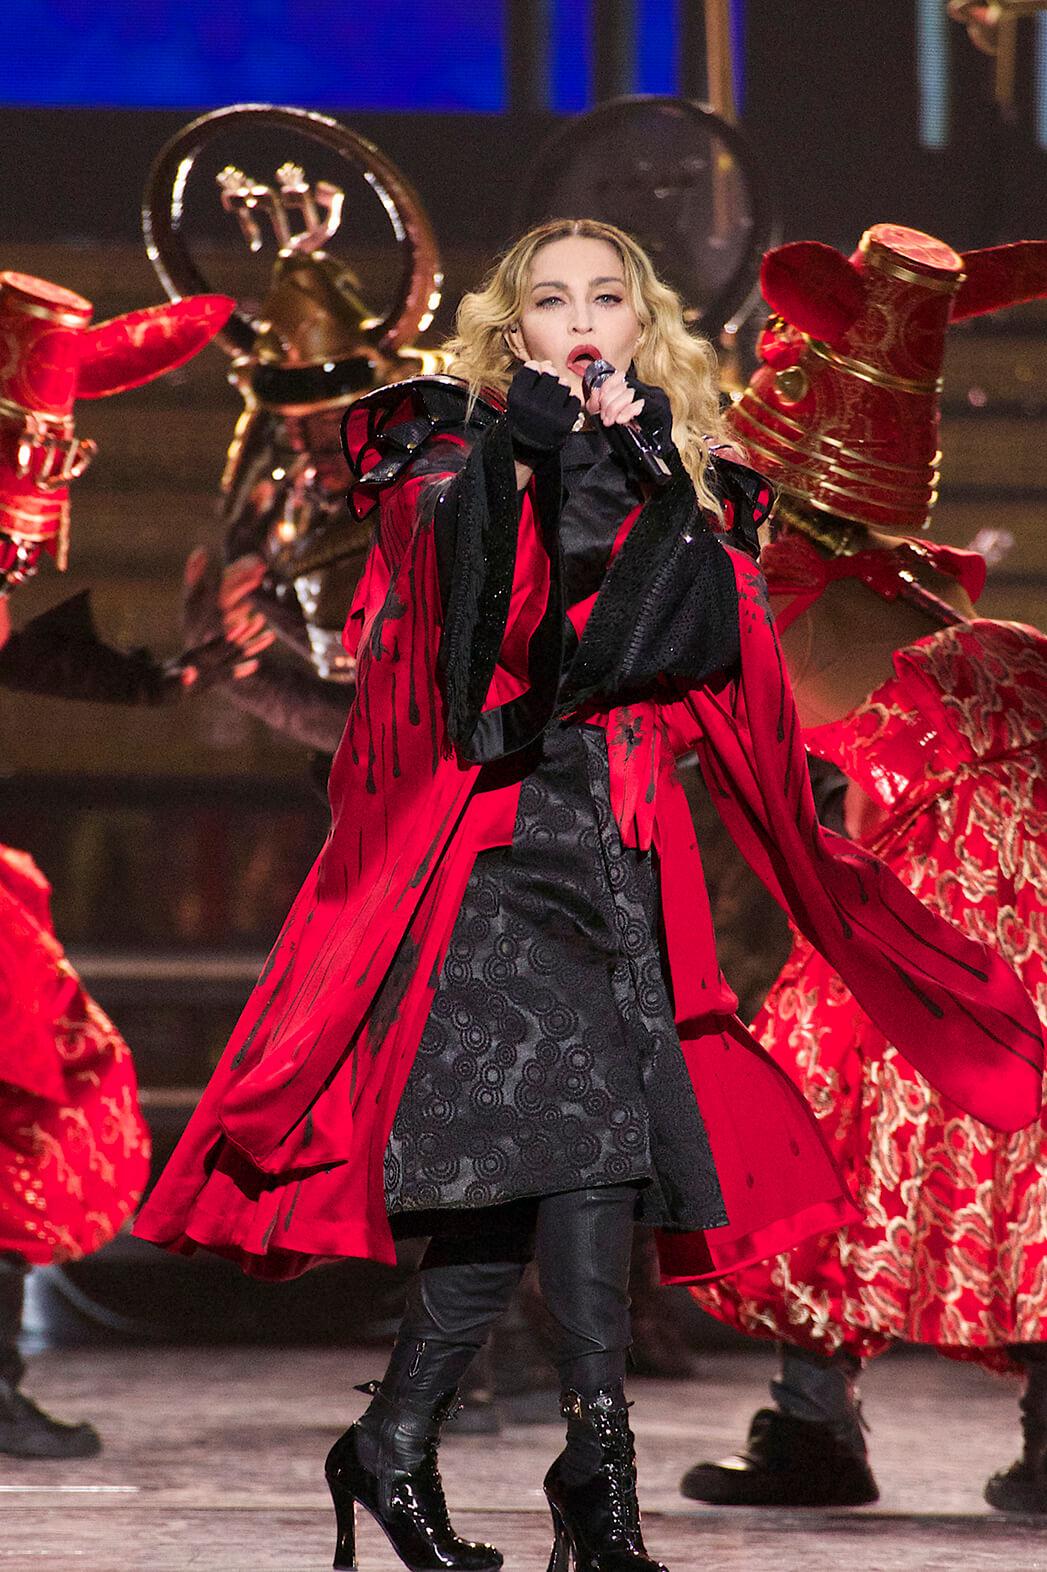 Madonna en el Rebel Heart Tour de 2016. Fotografía: Getty Images